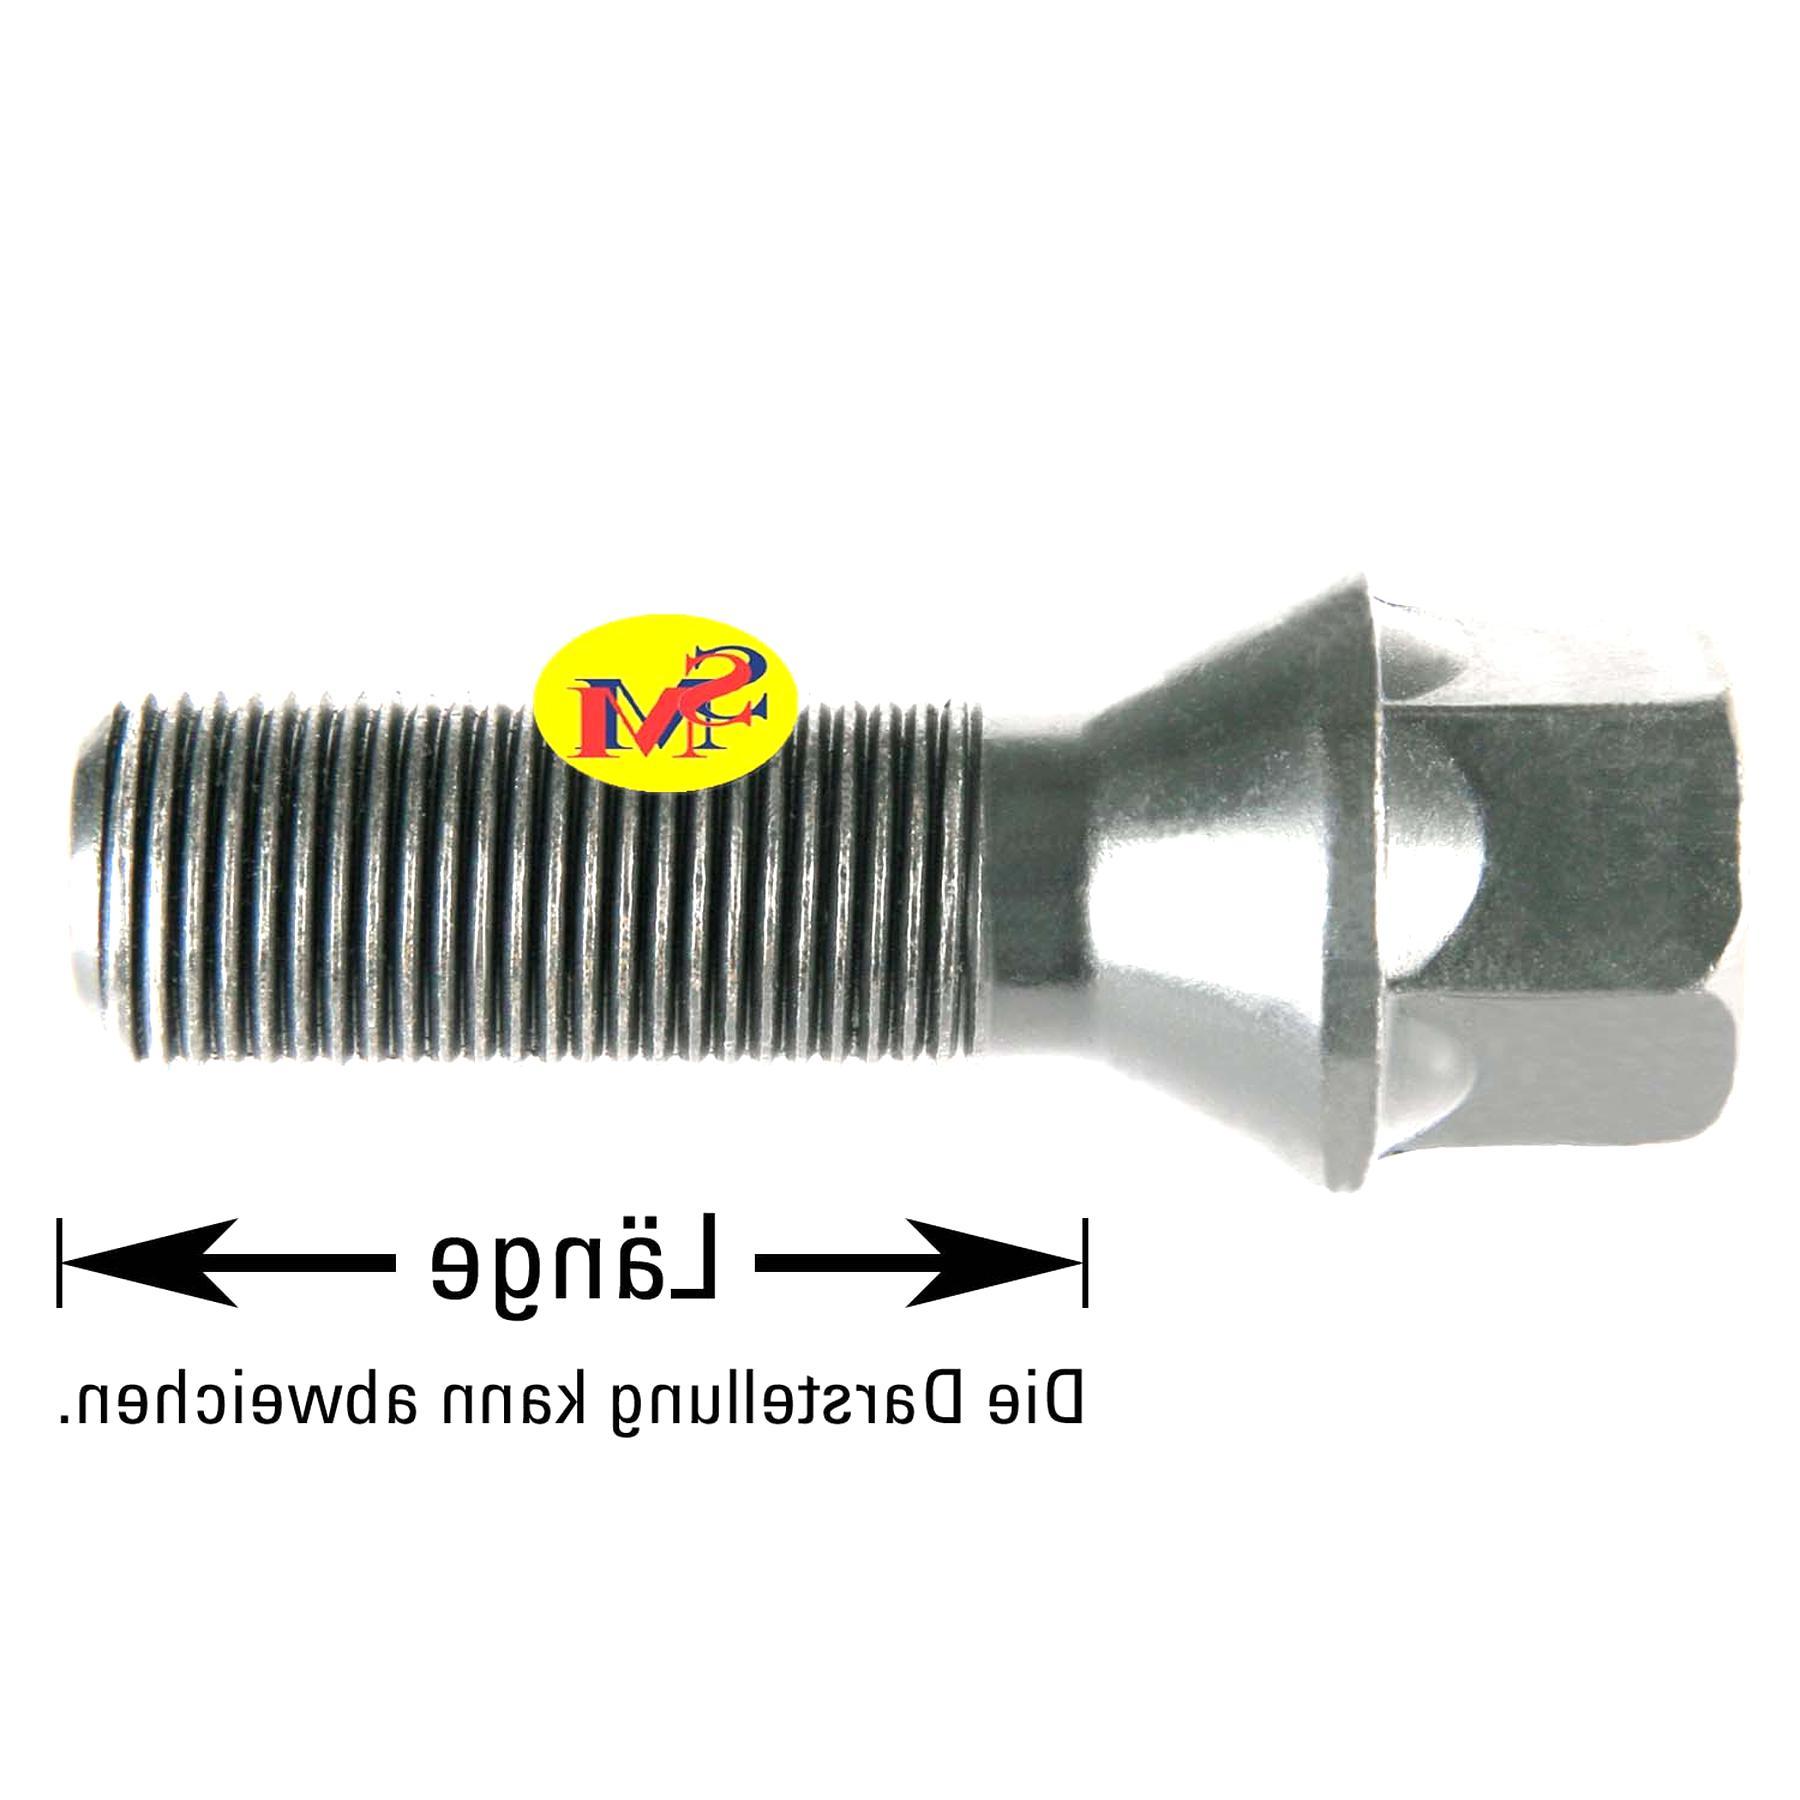 33mm Haskyy 10 Radschrauben Radbolzen Chrom Kegelbund Kegel M14x1,5 in verschiedenen Schaftl/ängen zur Auswahl